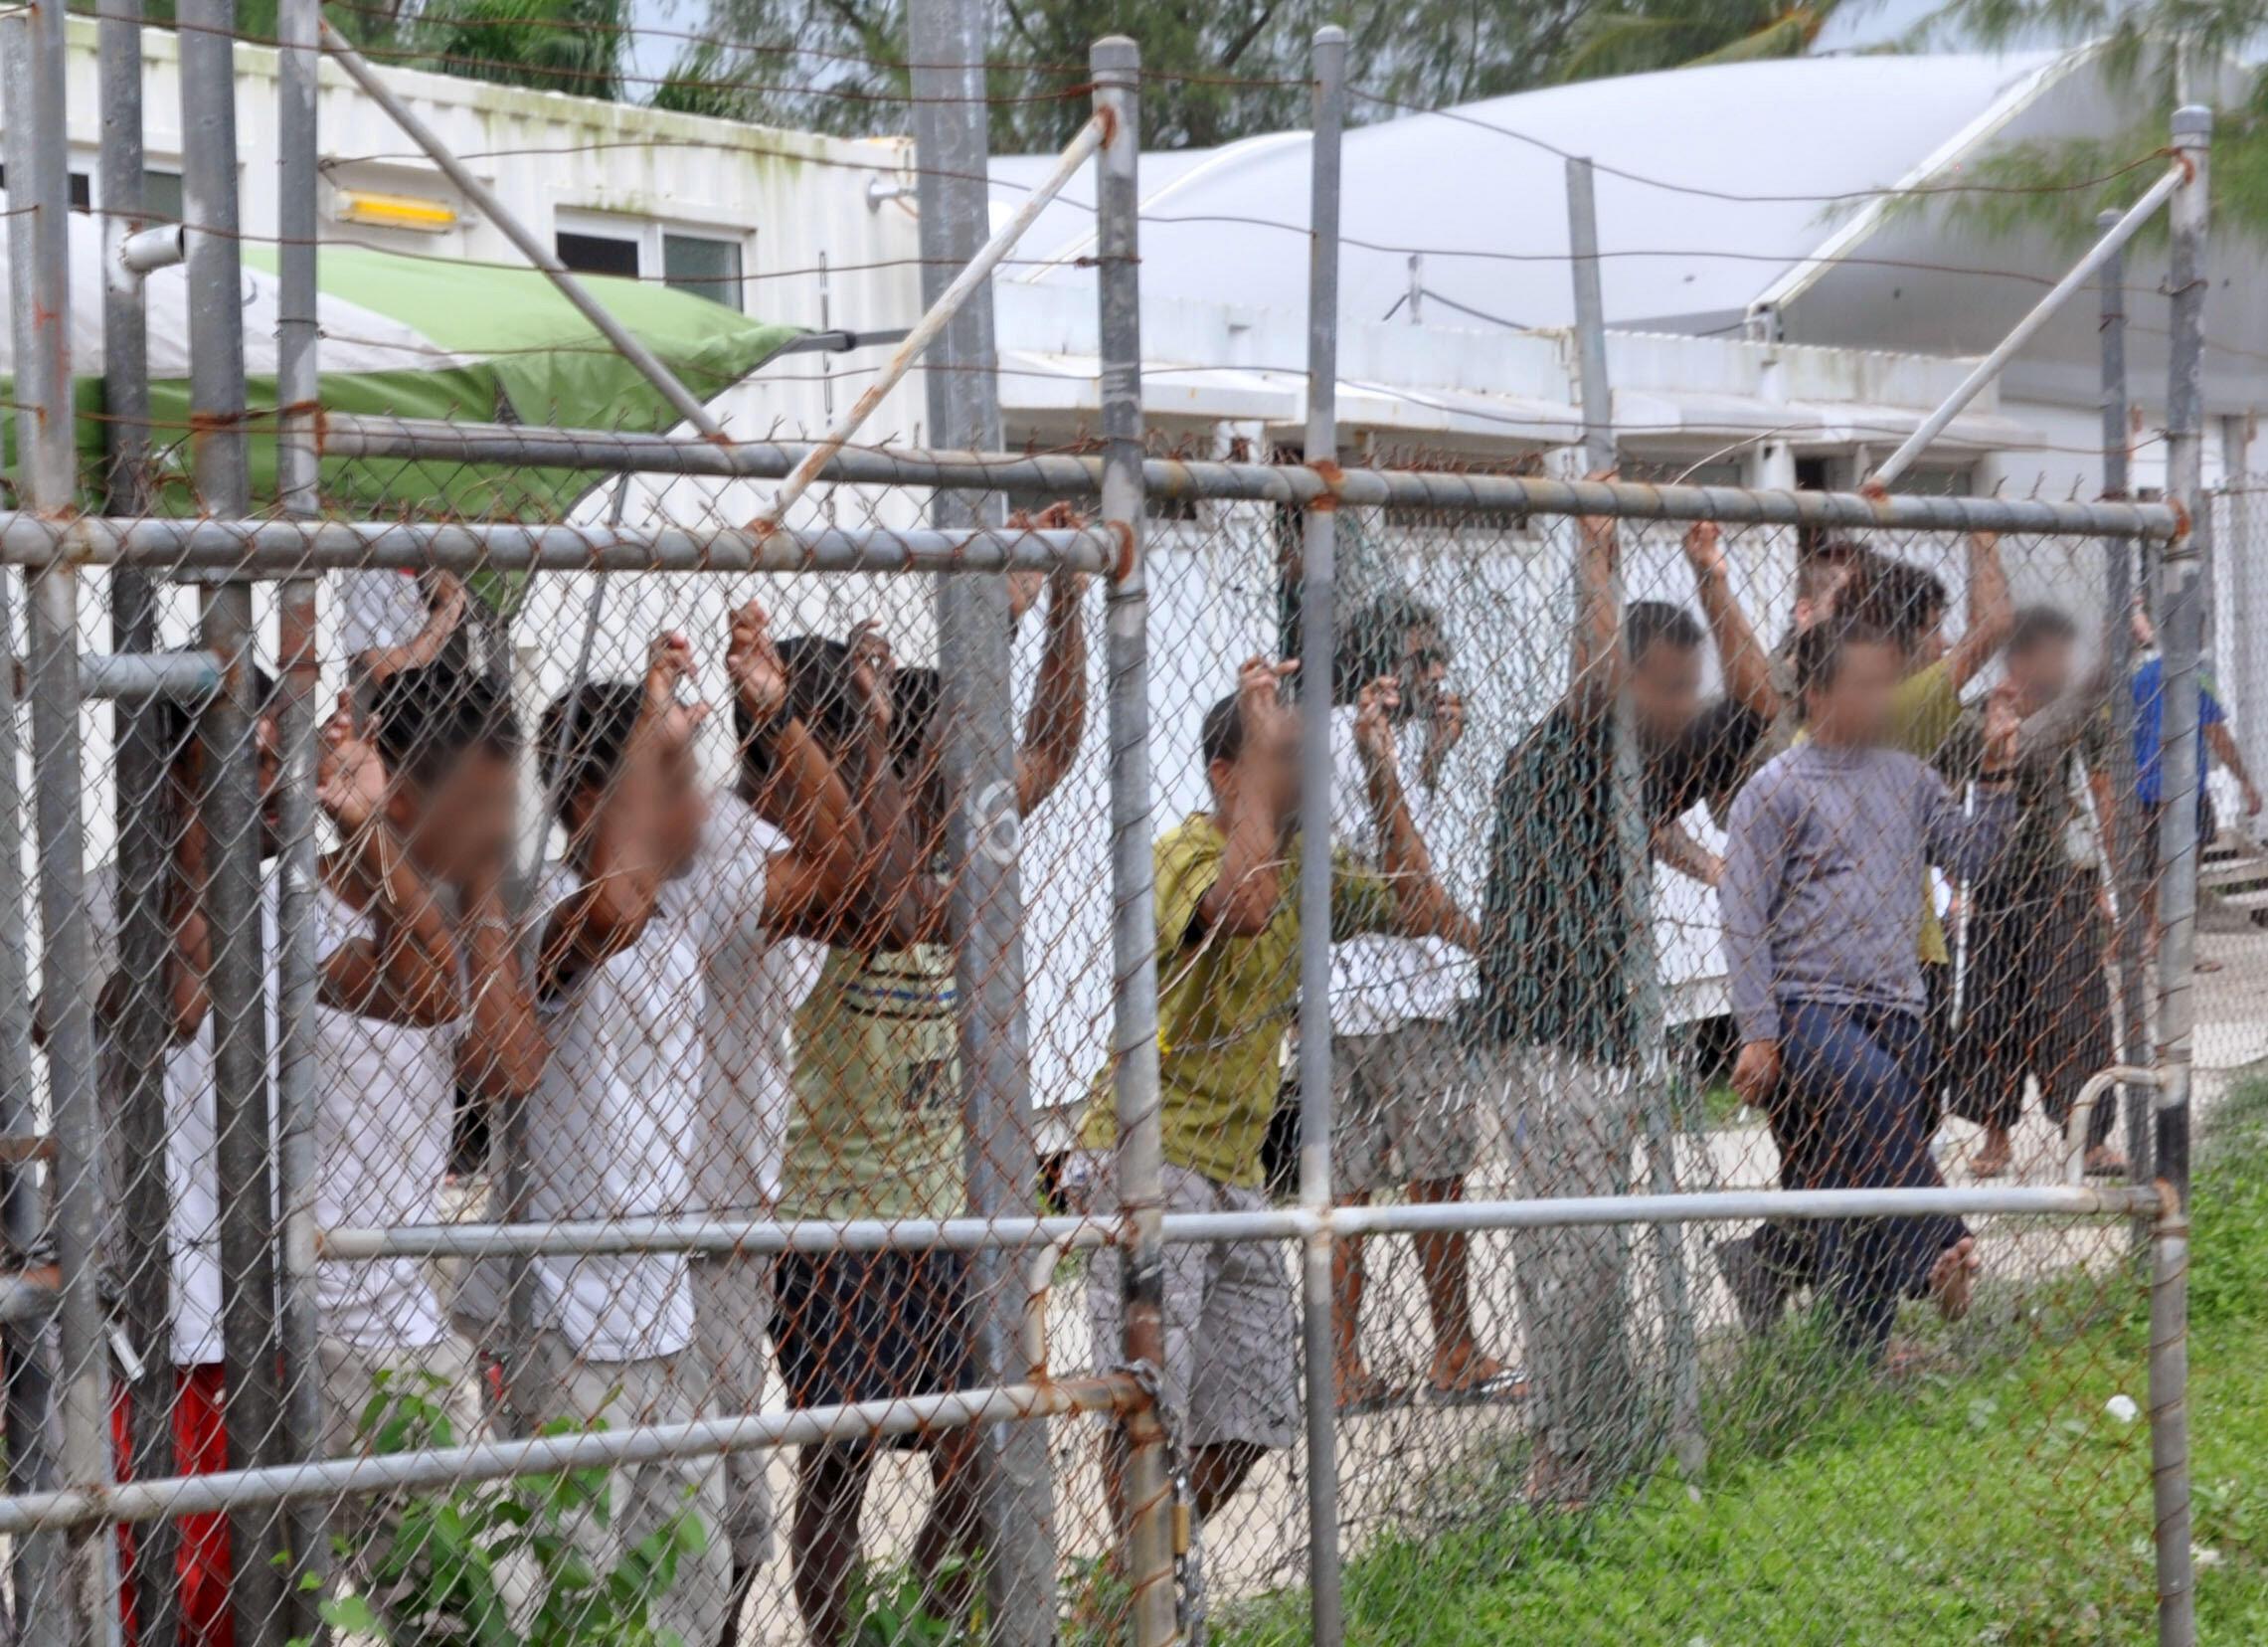 Người xin tỵ nạn bị cầm giữ ở trại giam Manus, Papua New Guinéa. Ảnh ngày 21/03/2014.